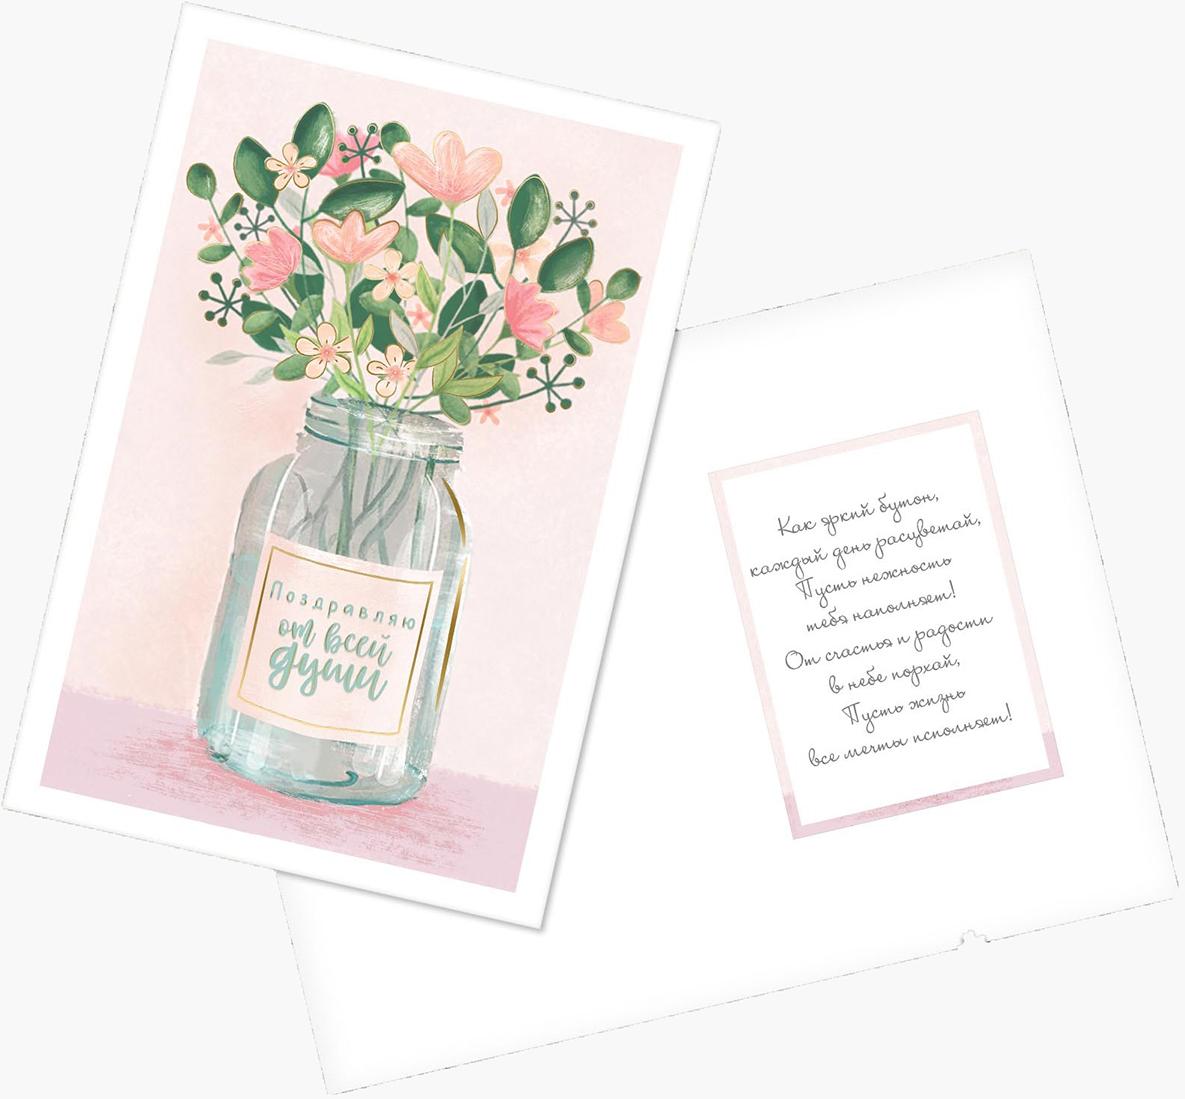 """Открытка Дарите Счастье """"Поздравляю от всей души. Цветы в банке"""", с тиснением, 12 х 18 см"""